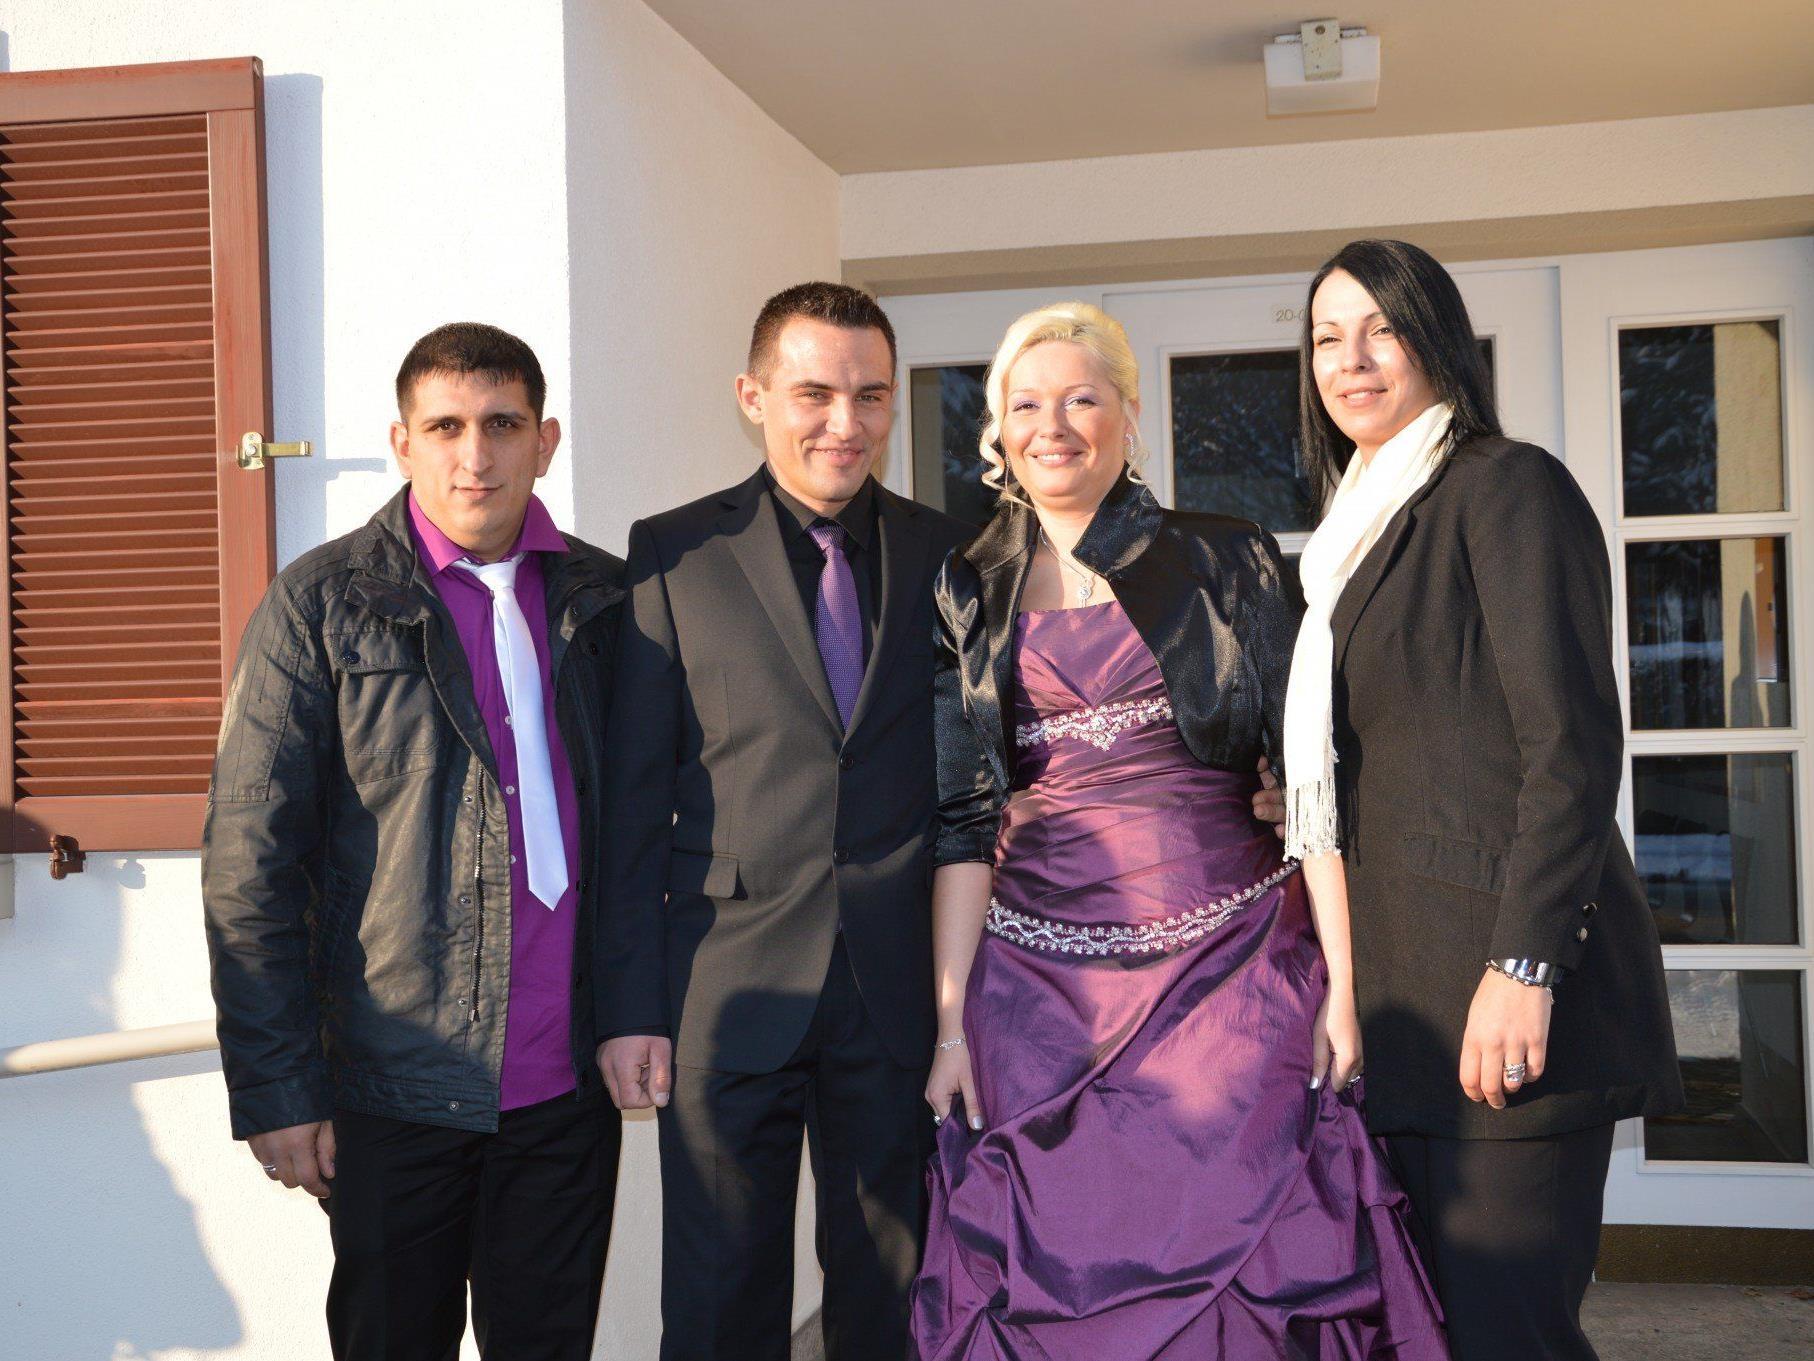 Maja Grabenhofer und Milan Milojevic haben geheiratet